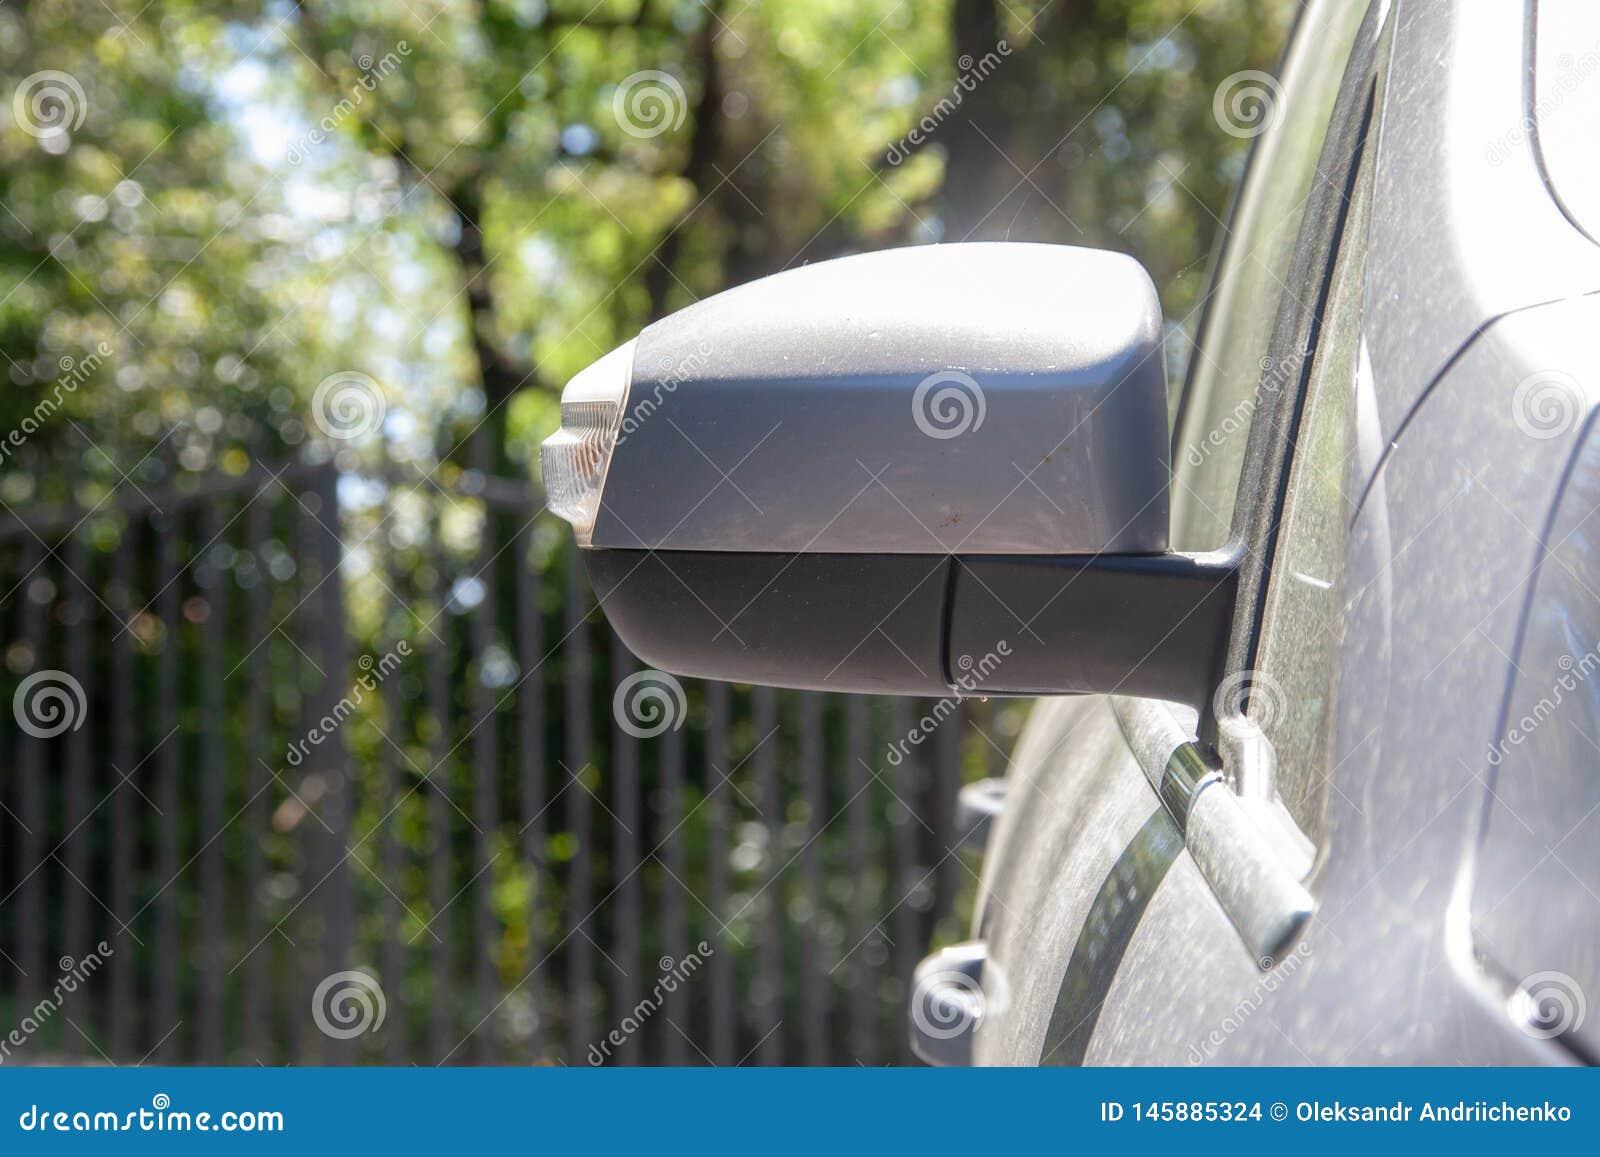 Δευτερεύων καθρέφτης σε ένα βρώμικο αυτοκίνητο